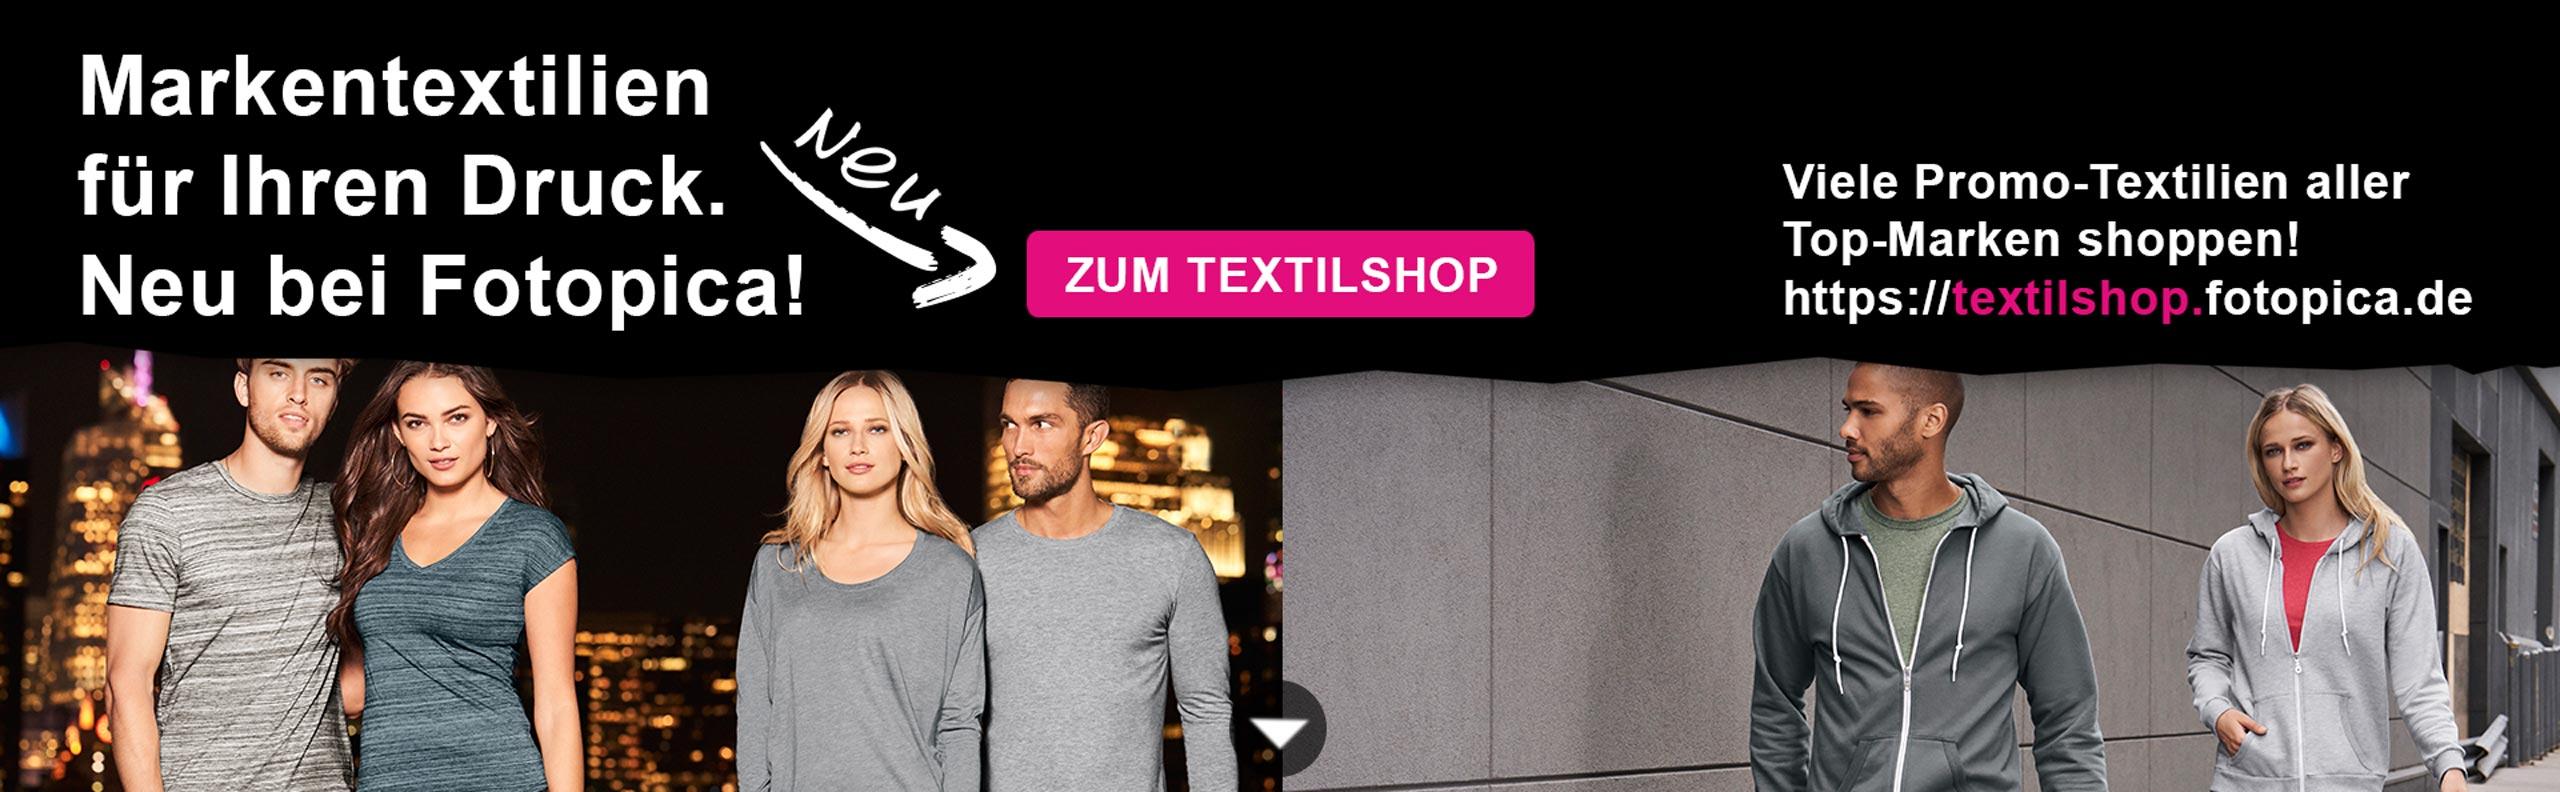 Neu bei Fotopica: Der Spezial-Textilshop